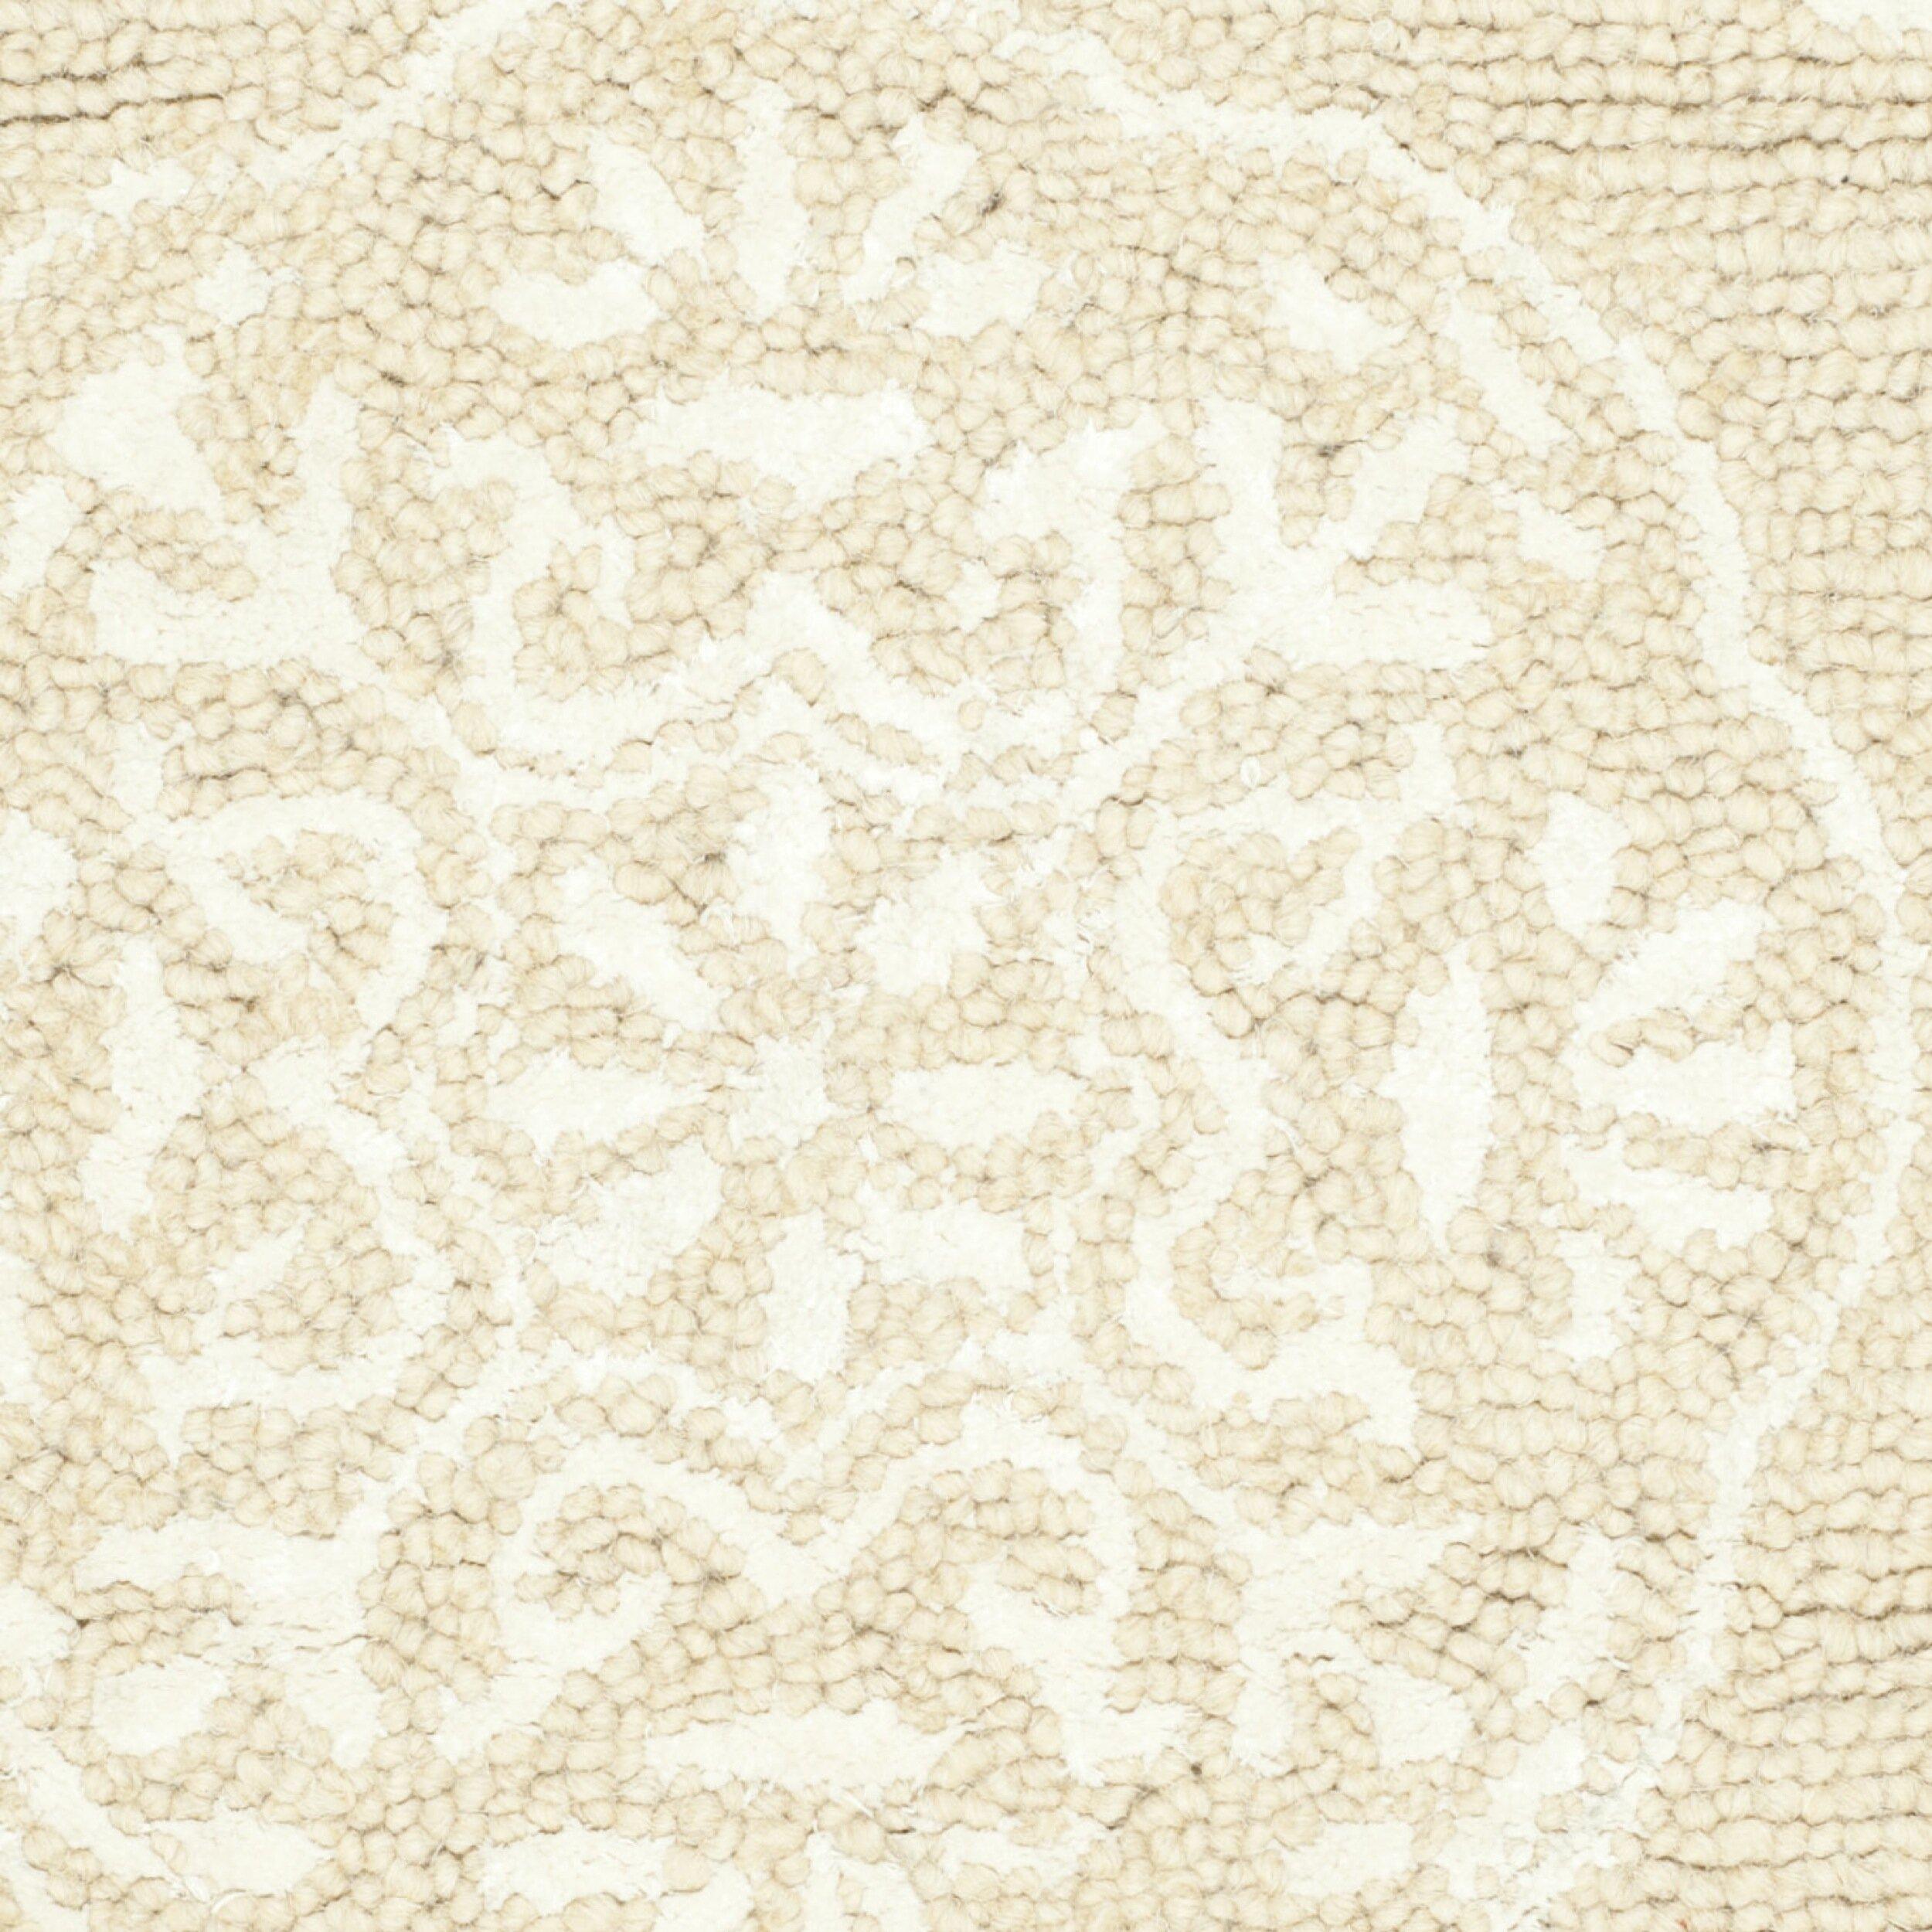 Safavieh Bella Beige White Area Rug Wayfair